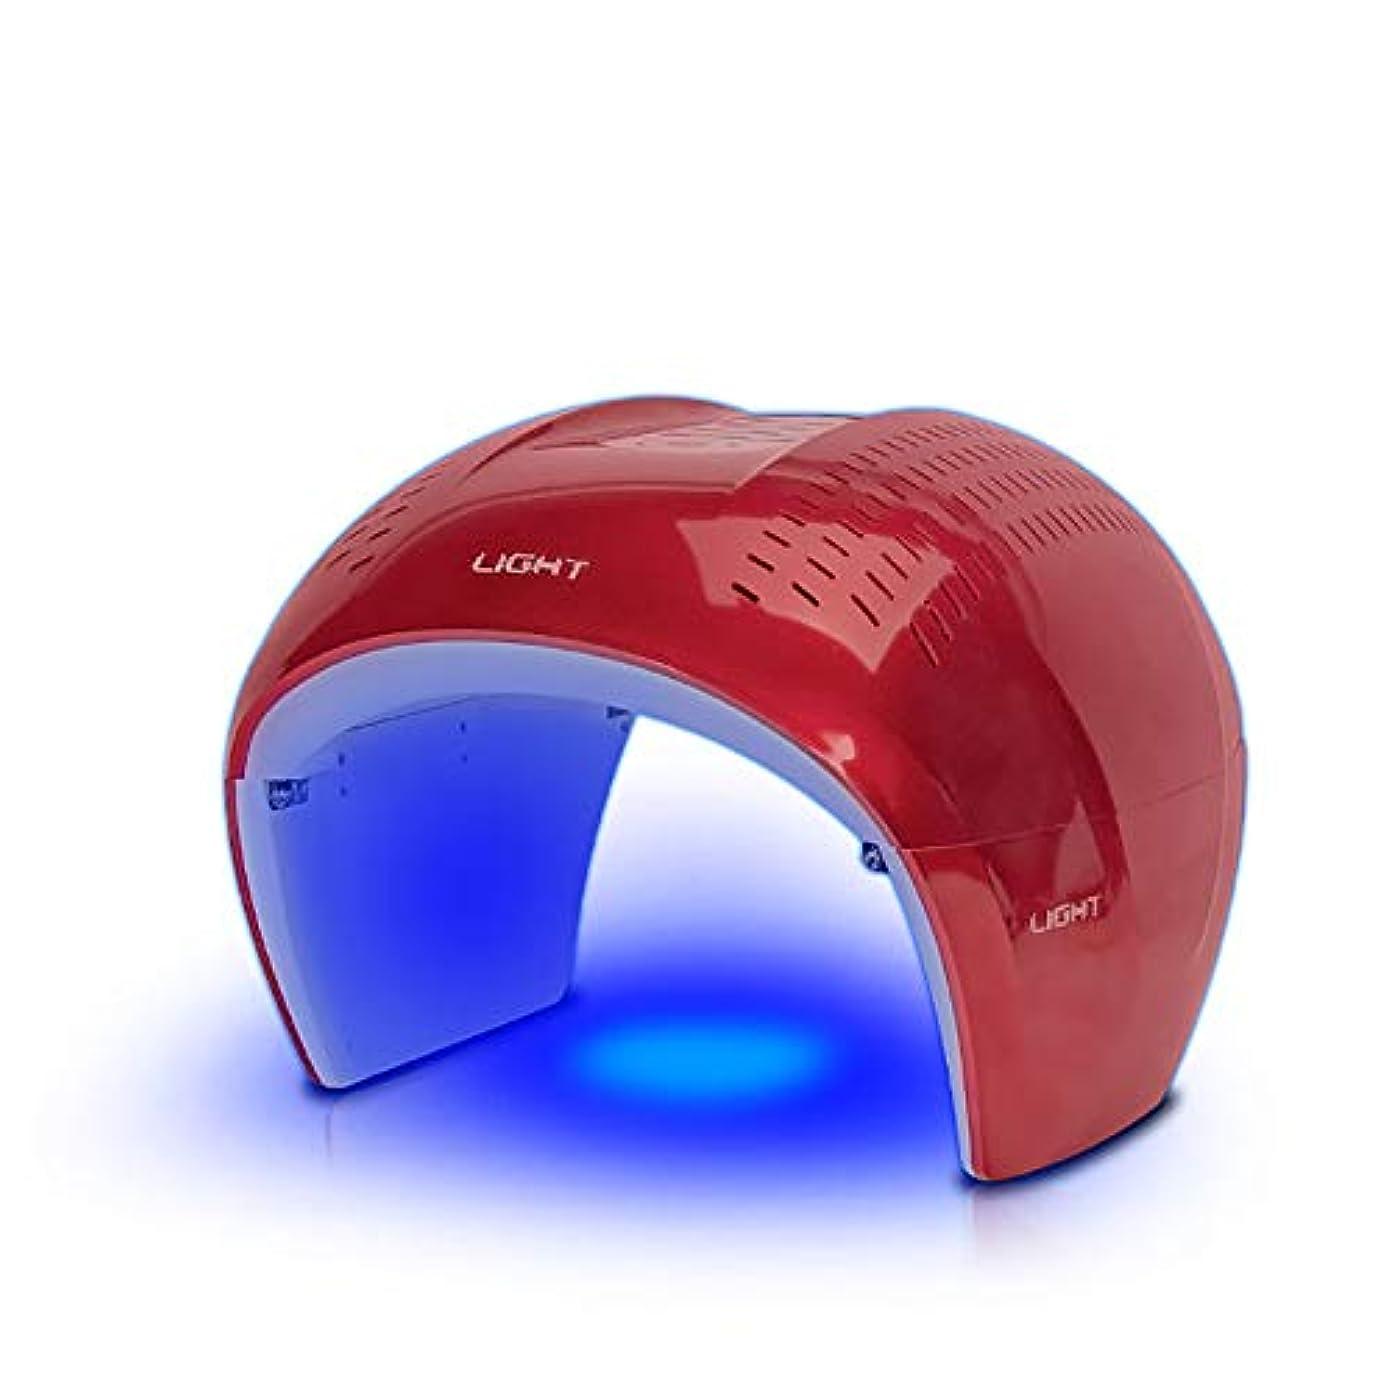 バブル生きているコーンウォール7色光療法機led、光光線力学肌の若返りランプ、サロンスパアンチエイジングスキンケアデバイス、フェイシャルマスクマッサージ機